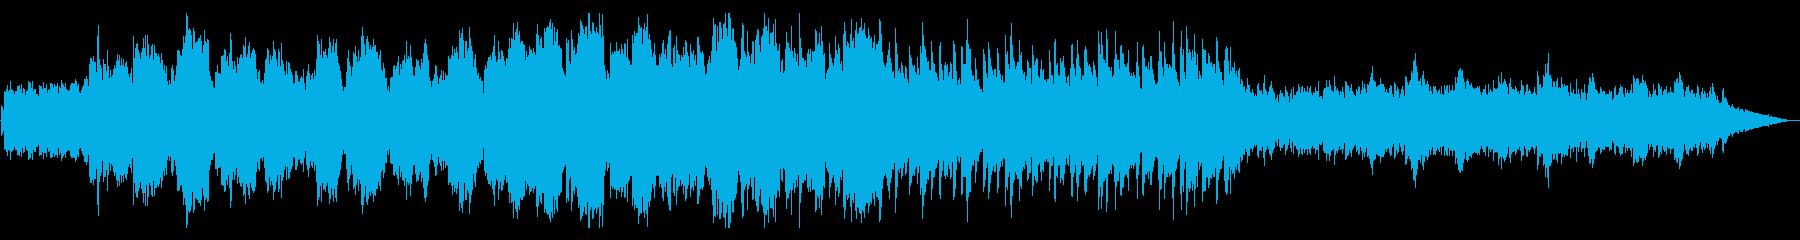 ピアノと笛の陽だまりの下のポカポカな曲の再生済みの波形